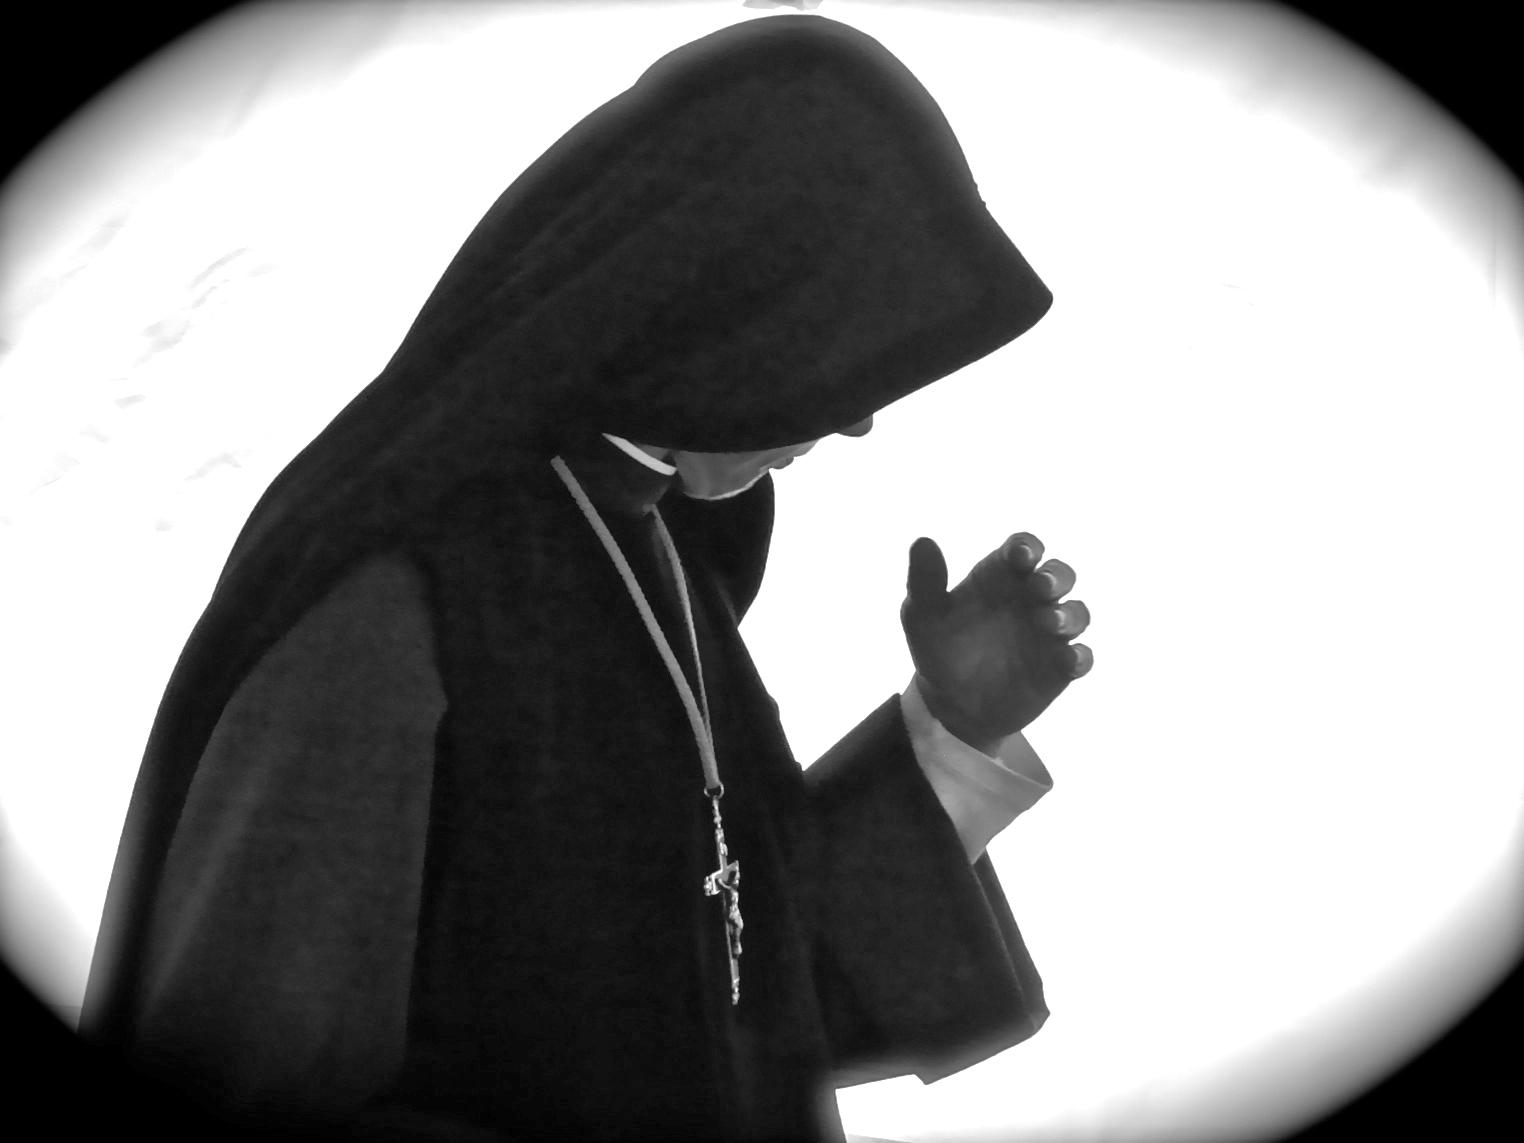 Włochy: Zgwałcona przez księdza zakonnica chce odzyskać oddane do adopcji dziecko